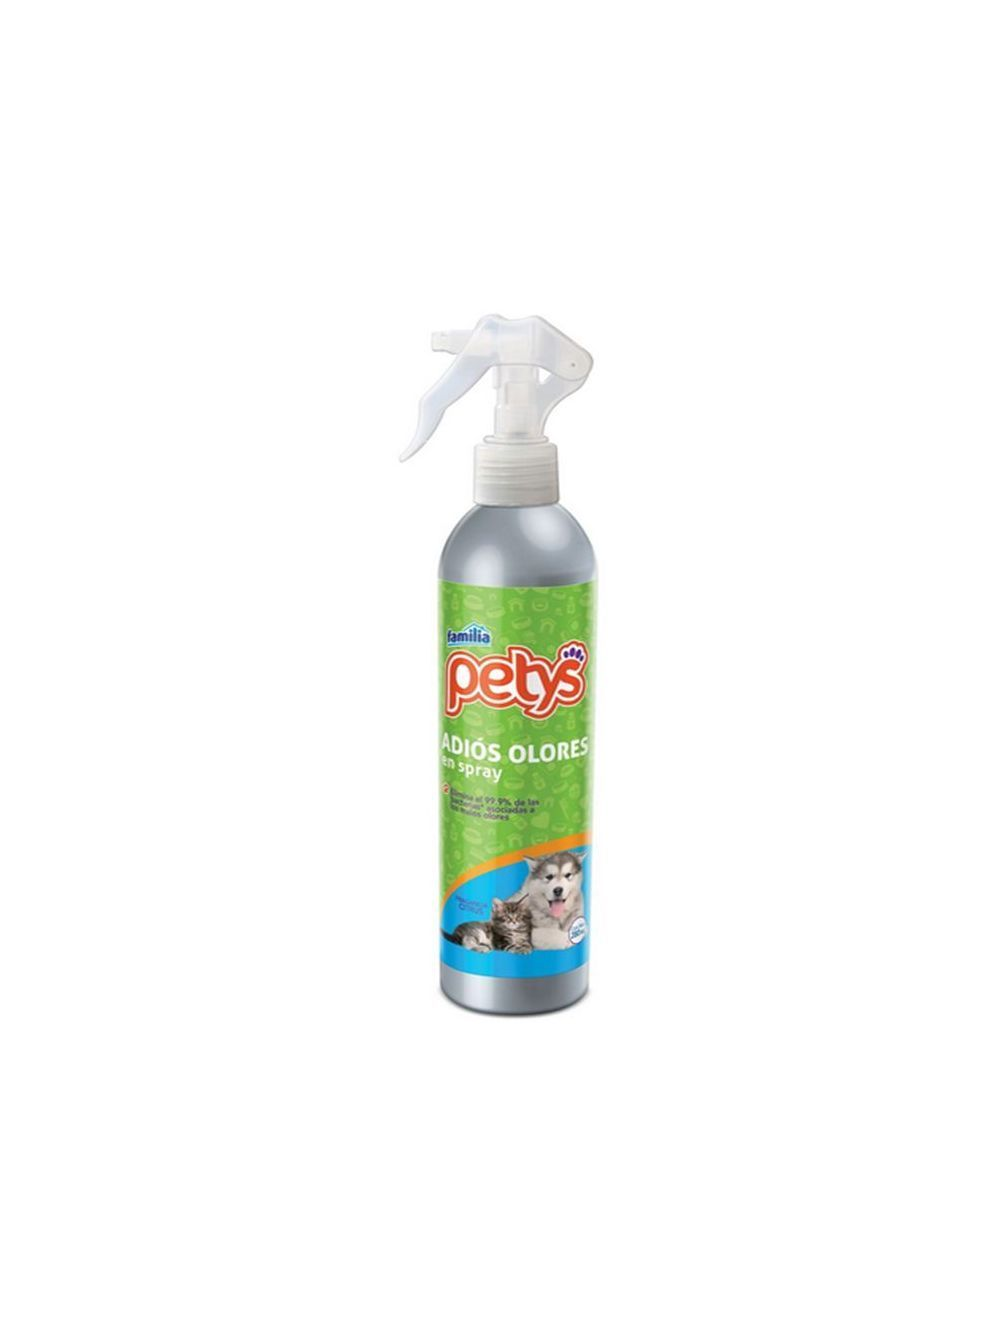 Petys Adios Olores en Spray 280 Ml